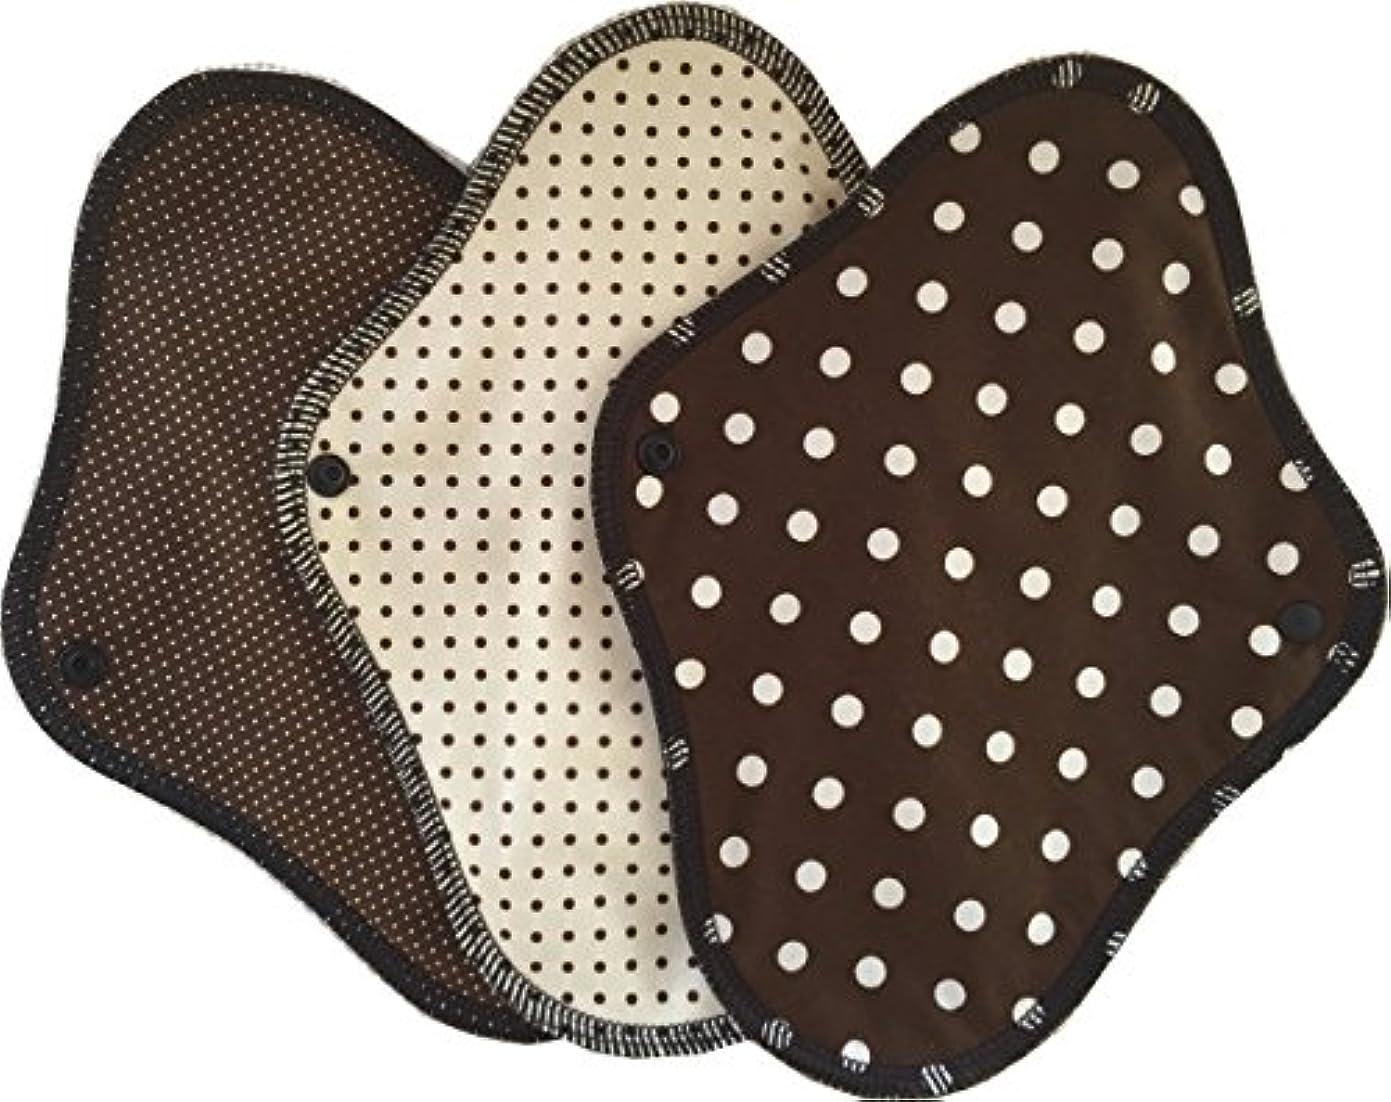 罰買い物に行くうんすぃーと?こっとん 布ナプキン ブラックネル 一体型布ナプキン昼用3枚セット(チョコ)